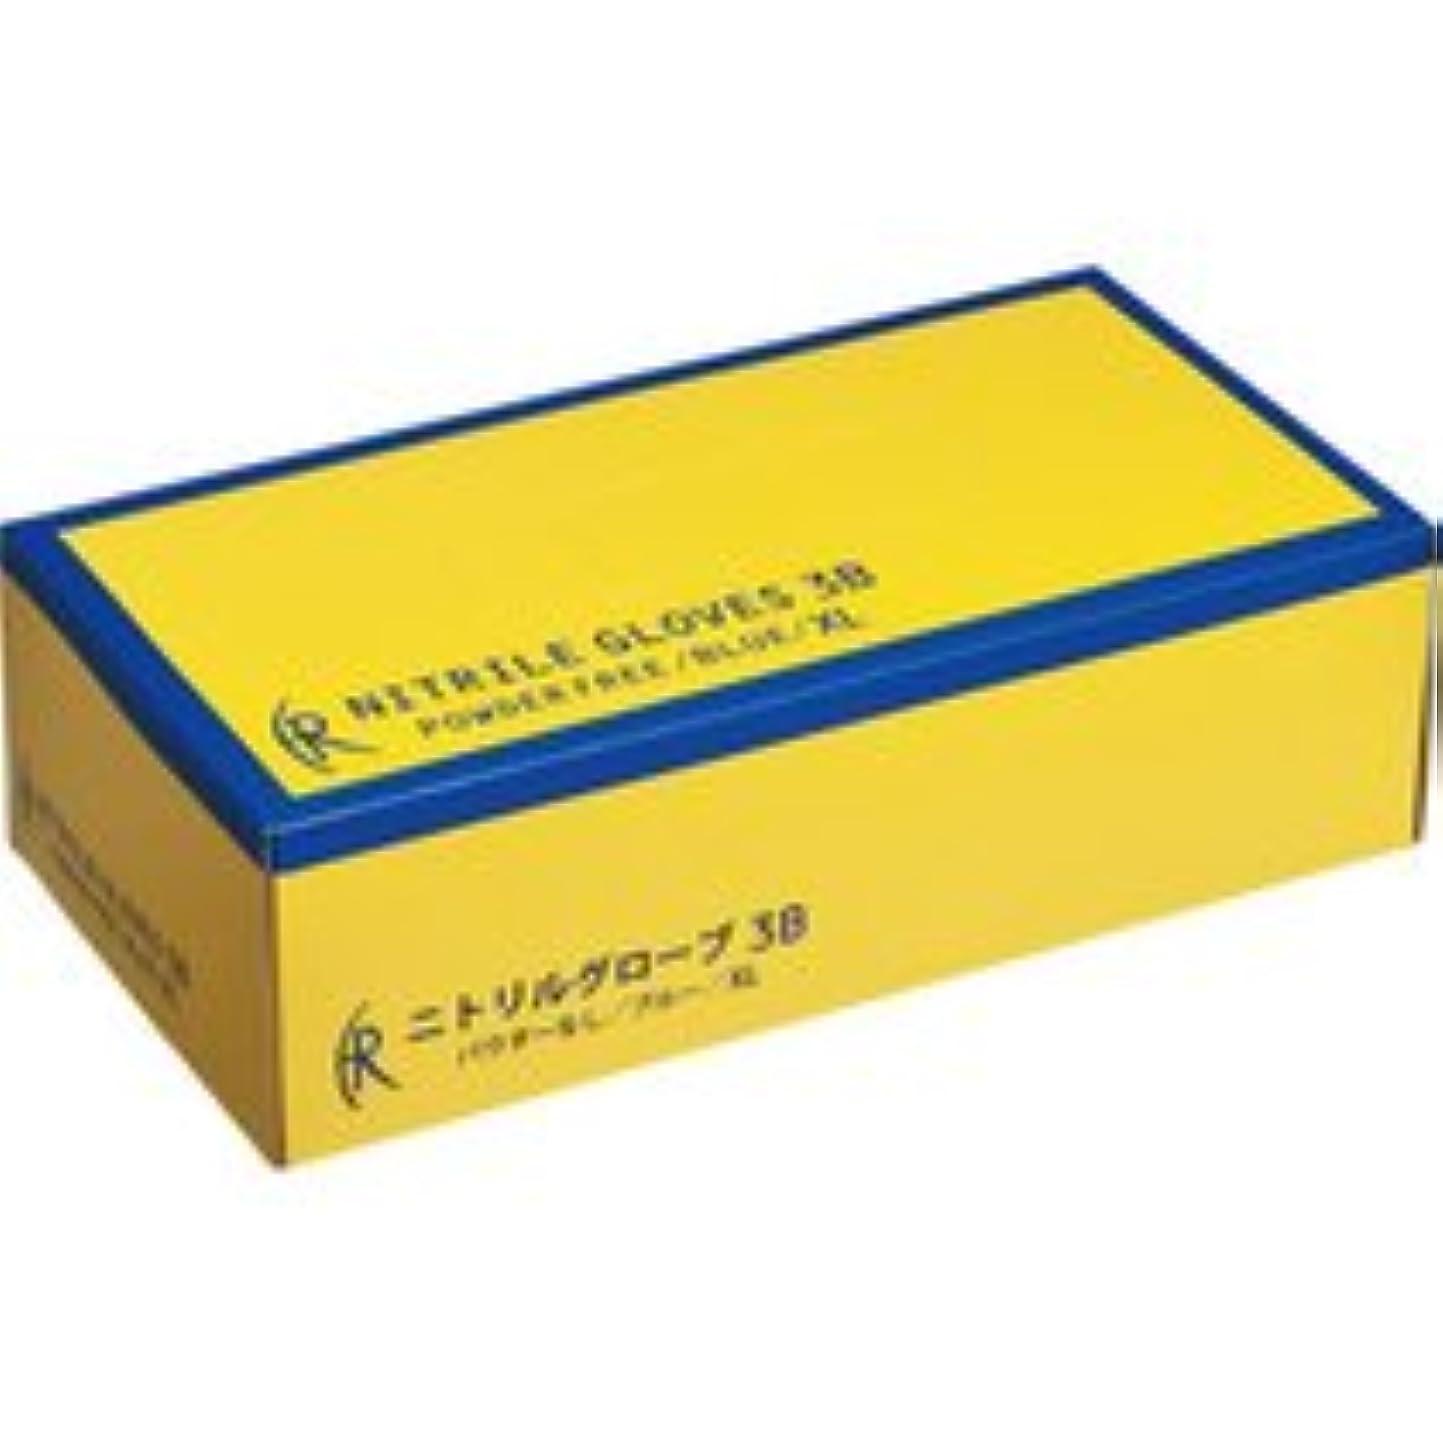 探す助言する口頭ファーストレイト ニトリルグローブ3B パウダーフリー XL FR-5664 1セット(2000枚:200枚×10箱)